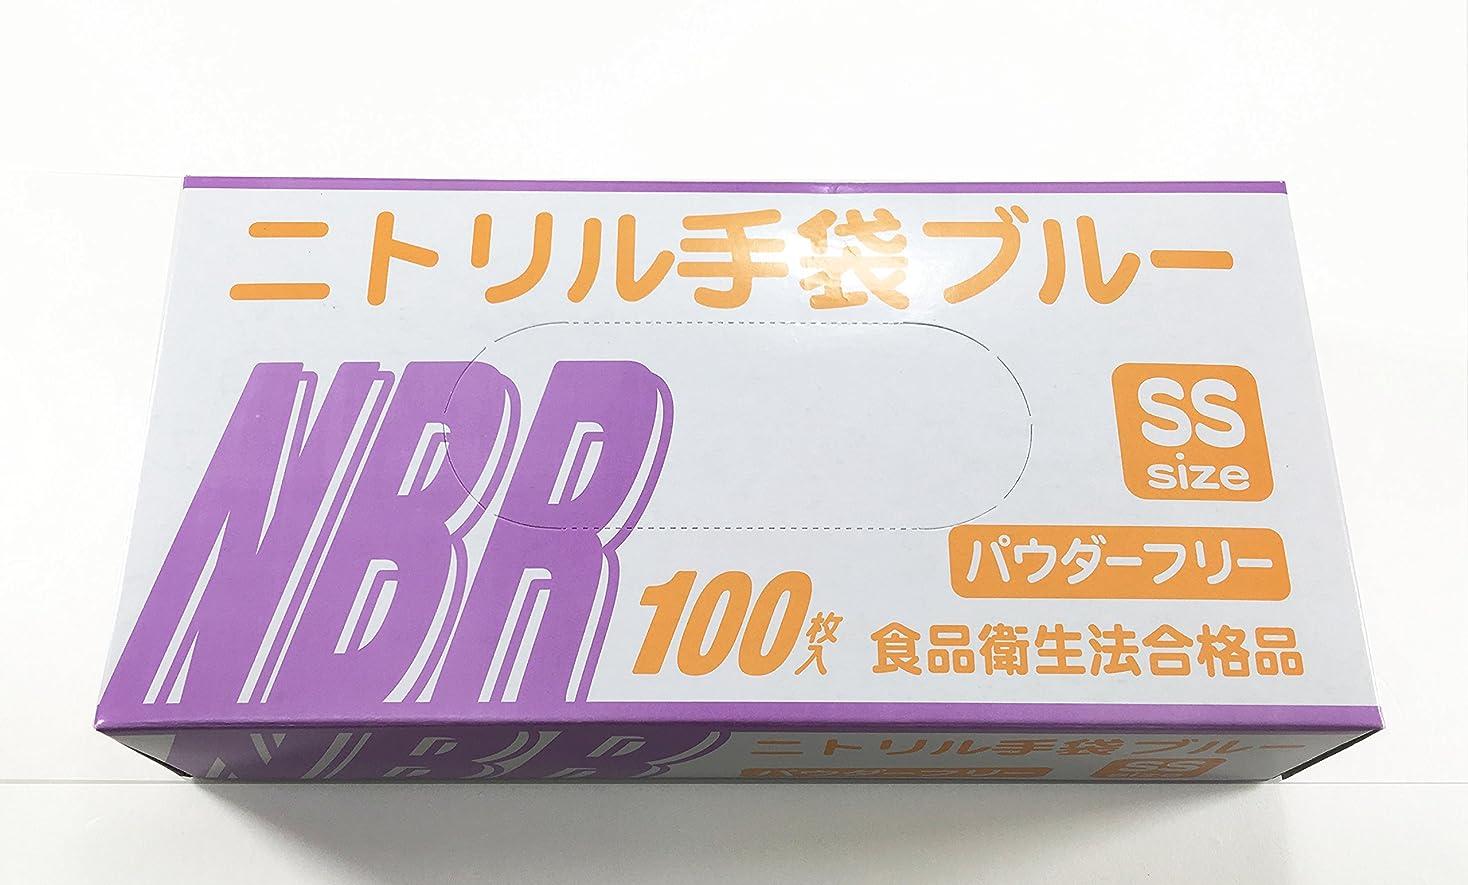 数字決してボタン使い捨て手袋 ニトリル グローブ ブルー 食品衛生法合格品 粉なし 100枚入×20個セット SSサイズ